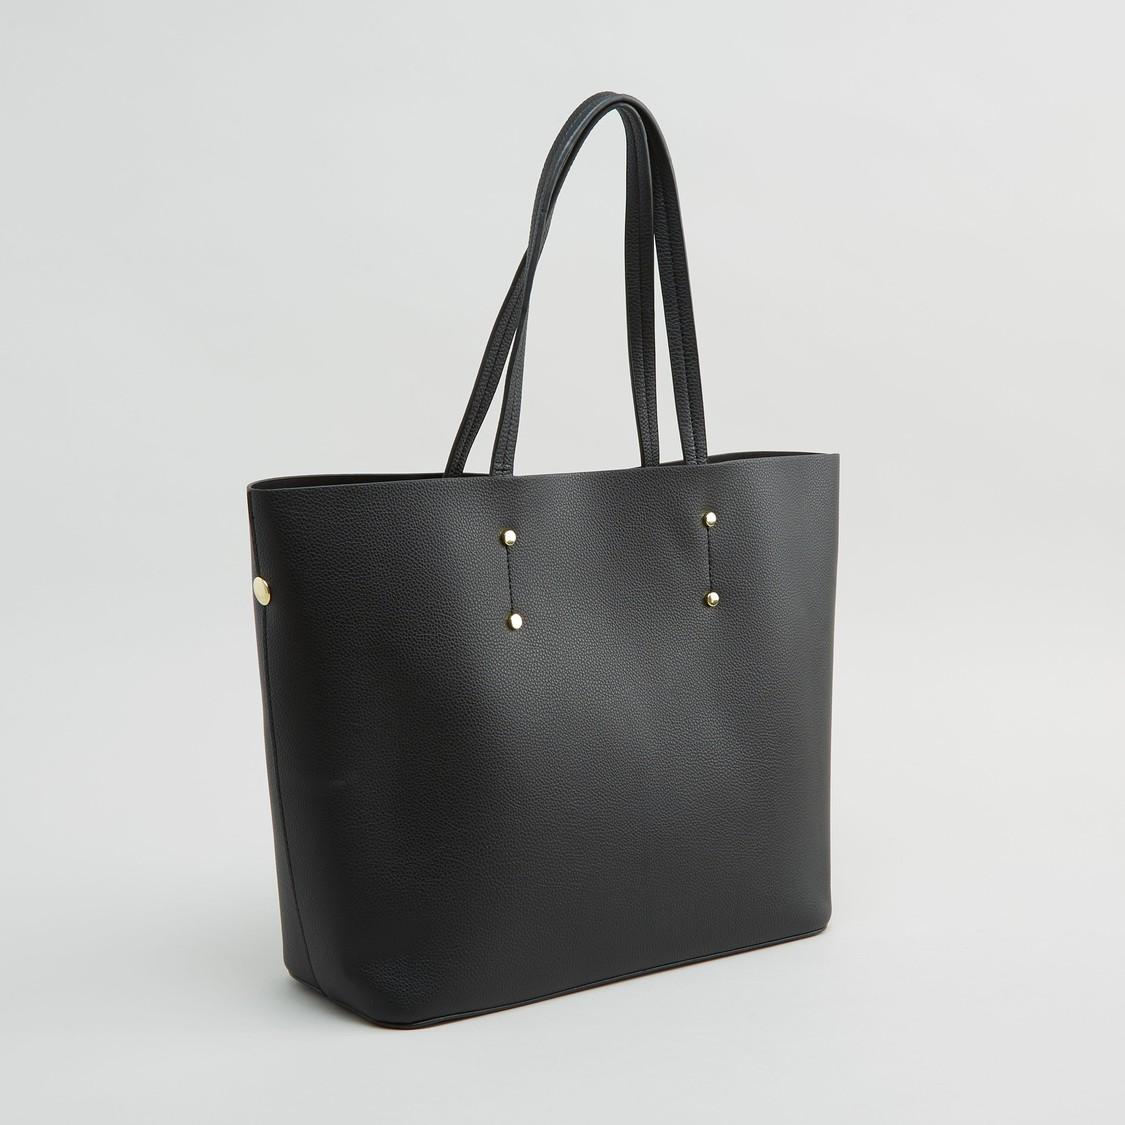 حقيبة يد بارزة الملمس مع حقيبة صغيرة مؤمّنة بسحّاب إغلاق